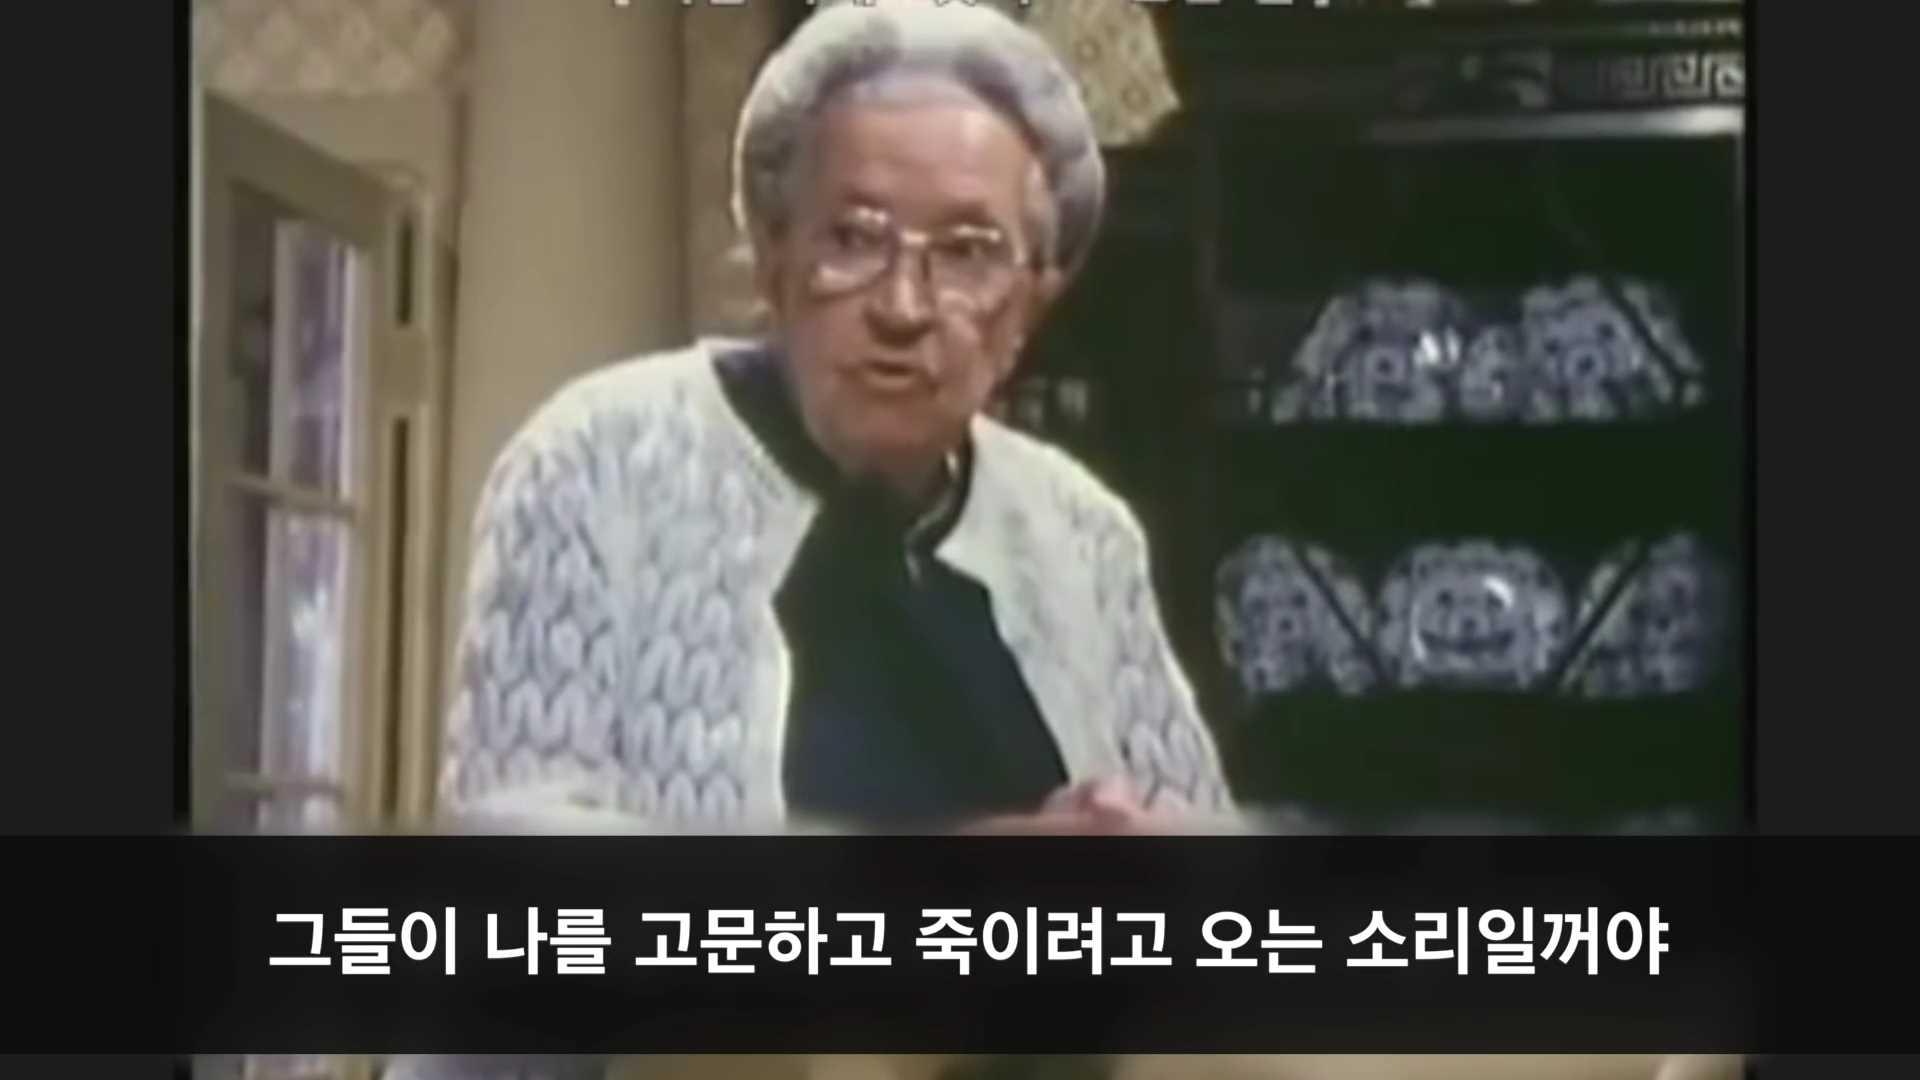 코리 텐 붐 - 주는 나의 피난처.mp4_000168450.jpg